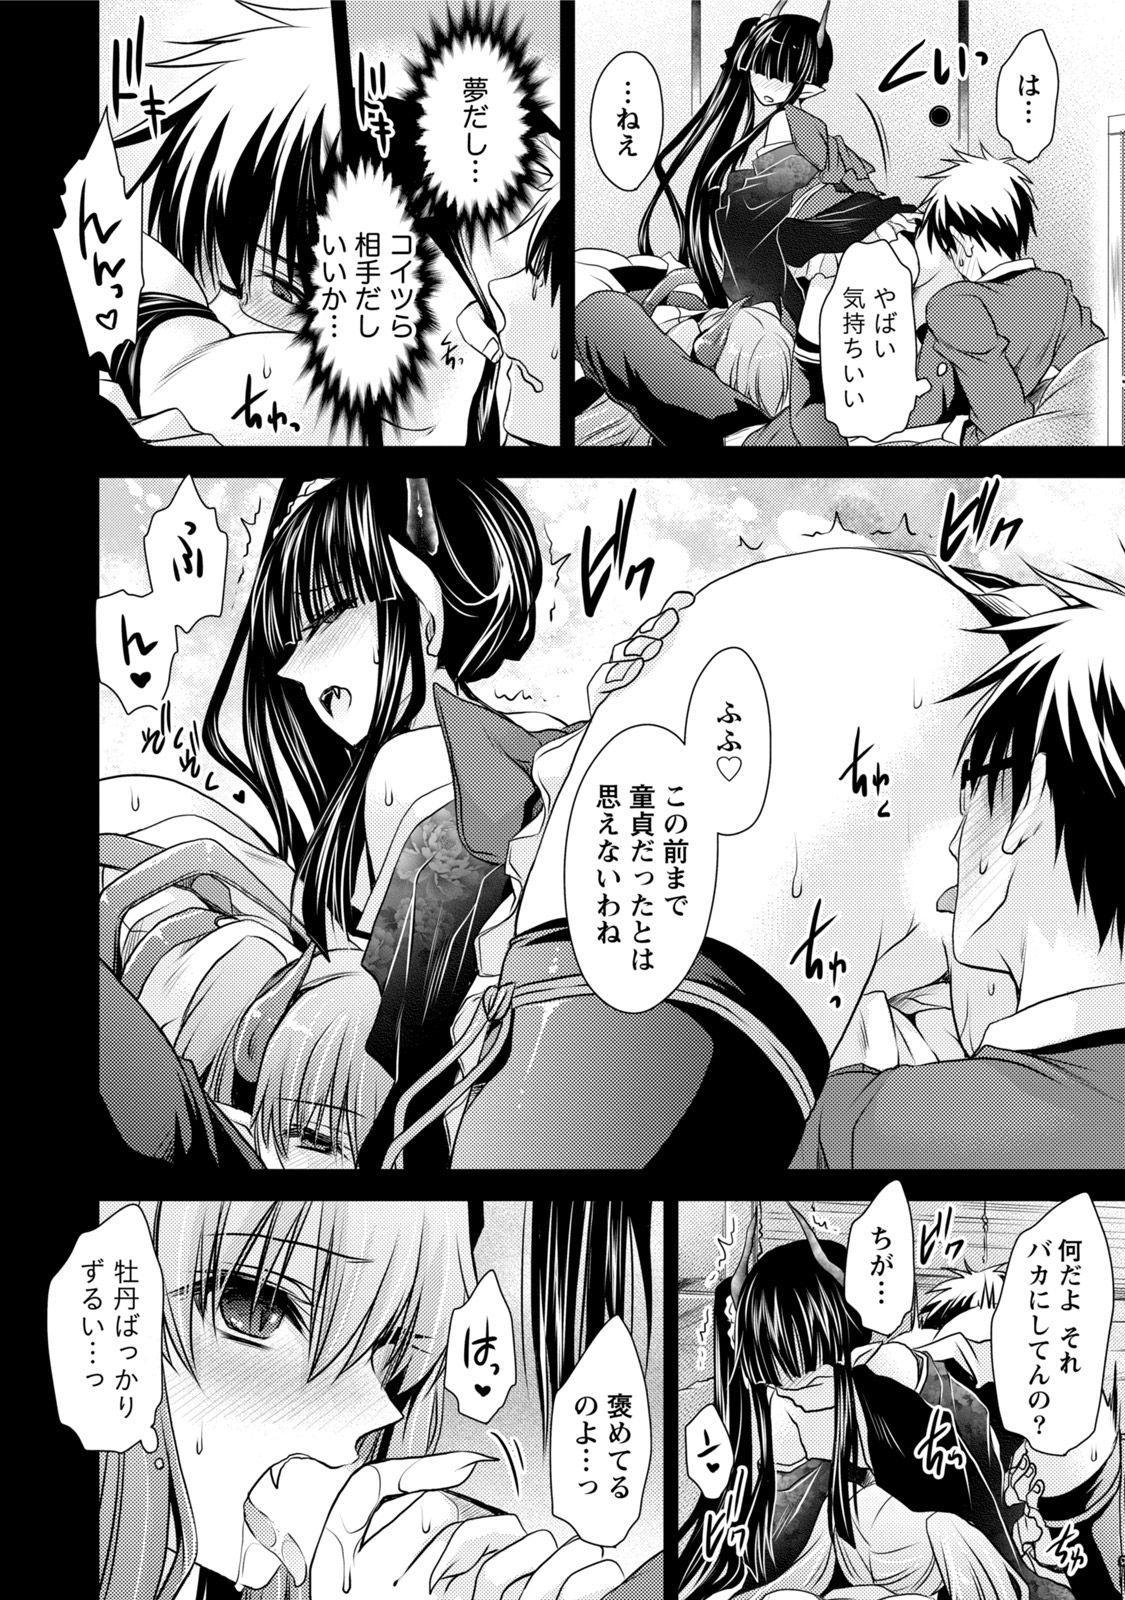 Ore to Kanojo to Owaru Sekai - World's end LoveStory 1 142